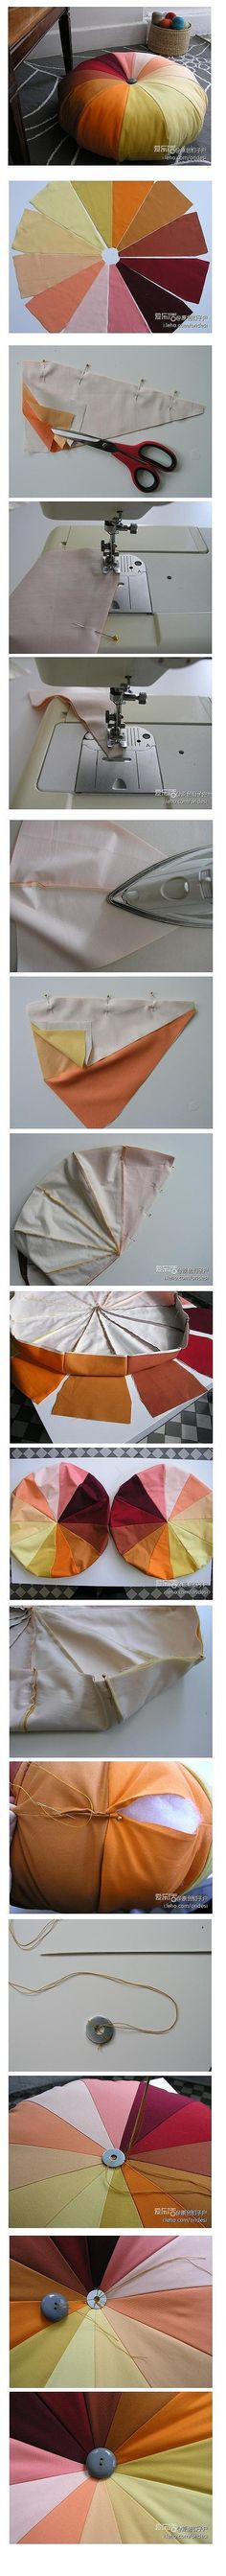 Coussin pouf